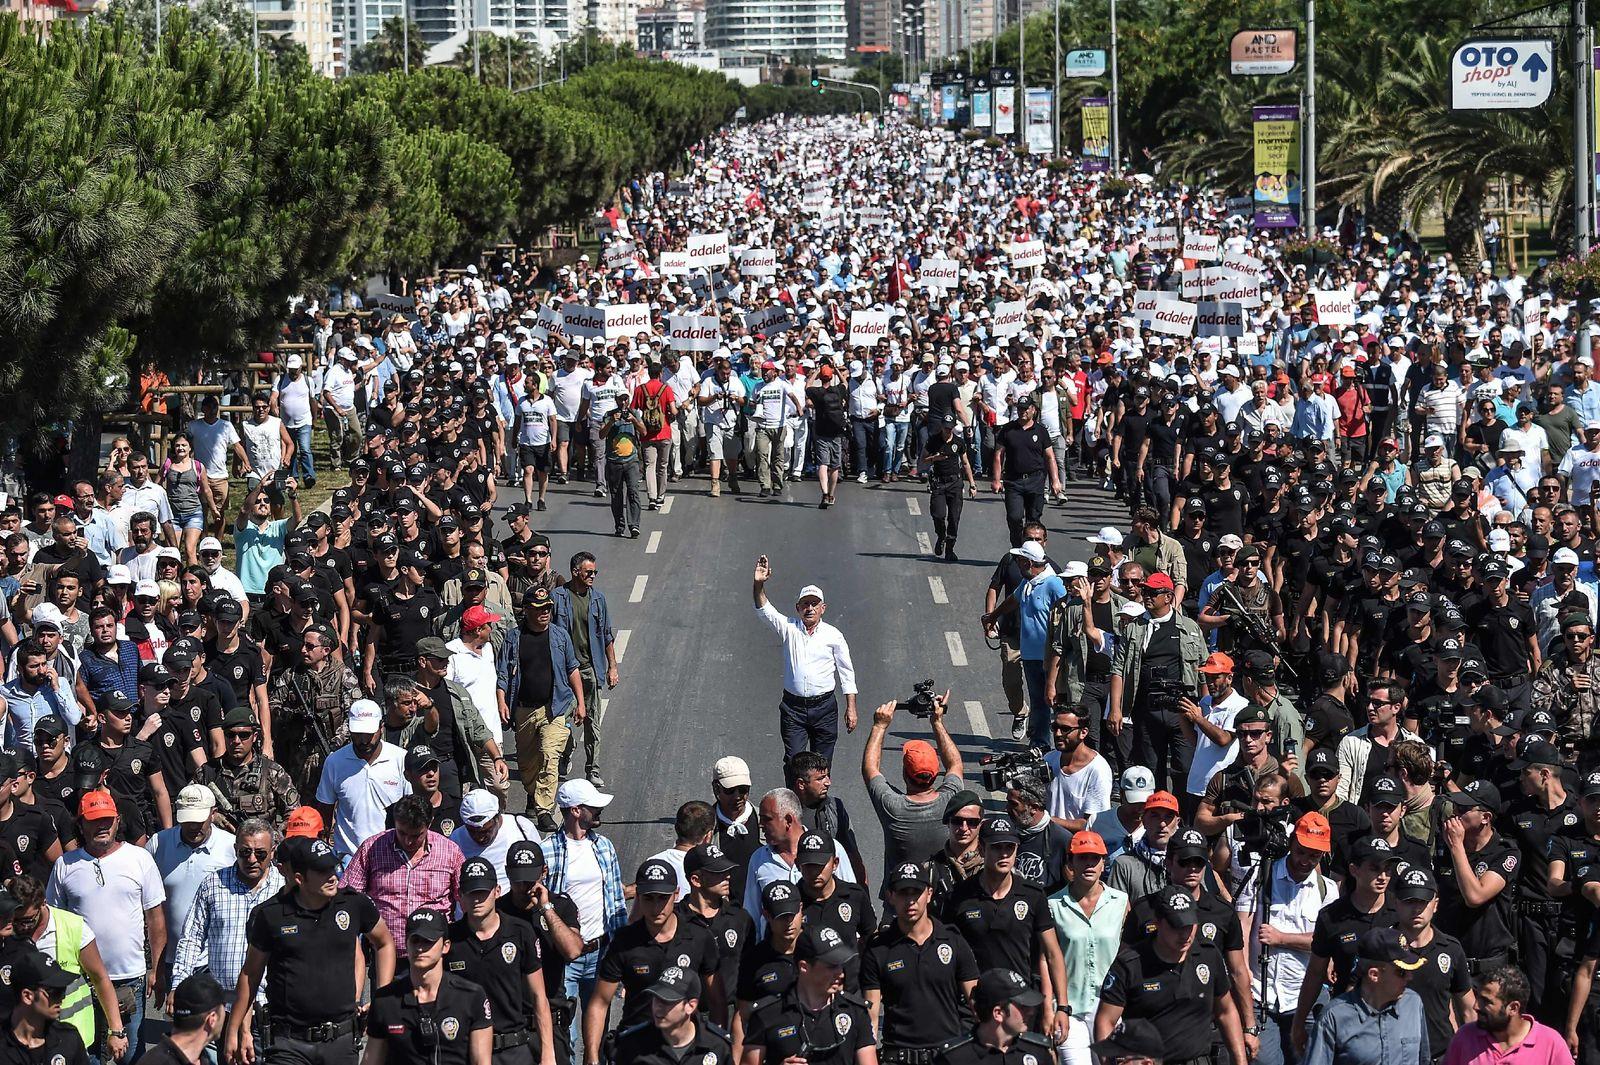 TOPSHOT-TURKEY-POLITICS-KILICDAROGLU-MARCH